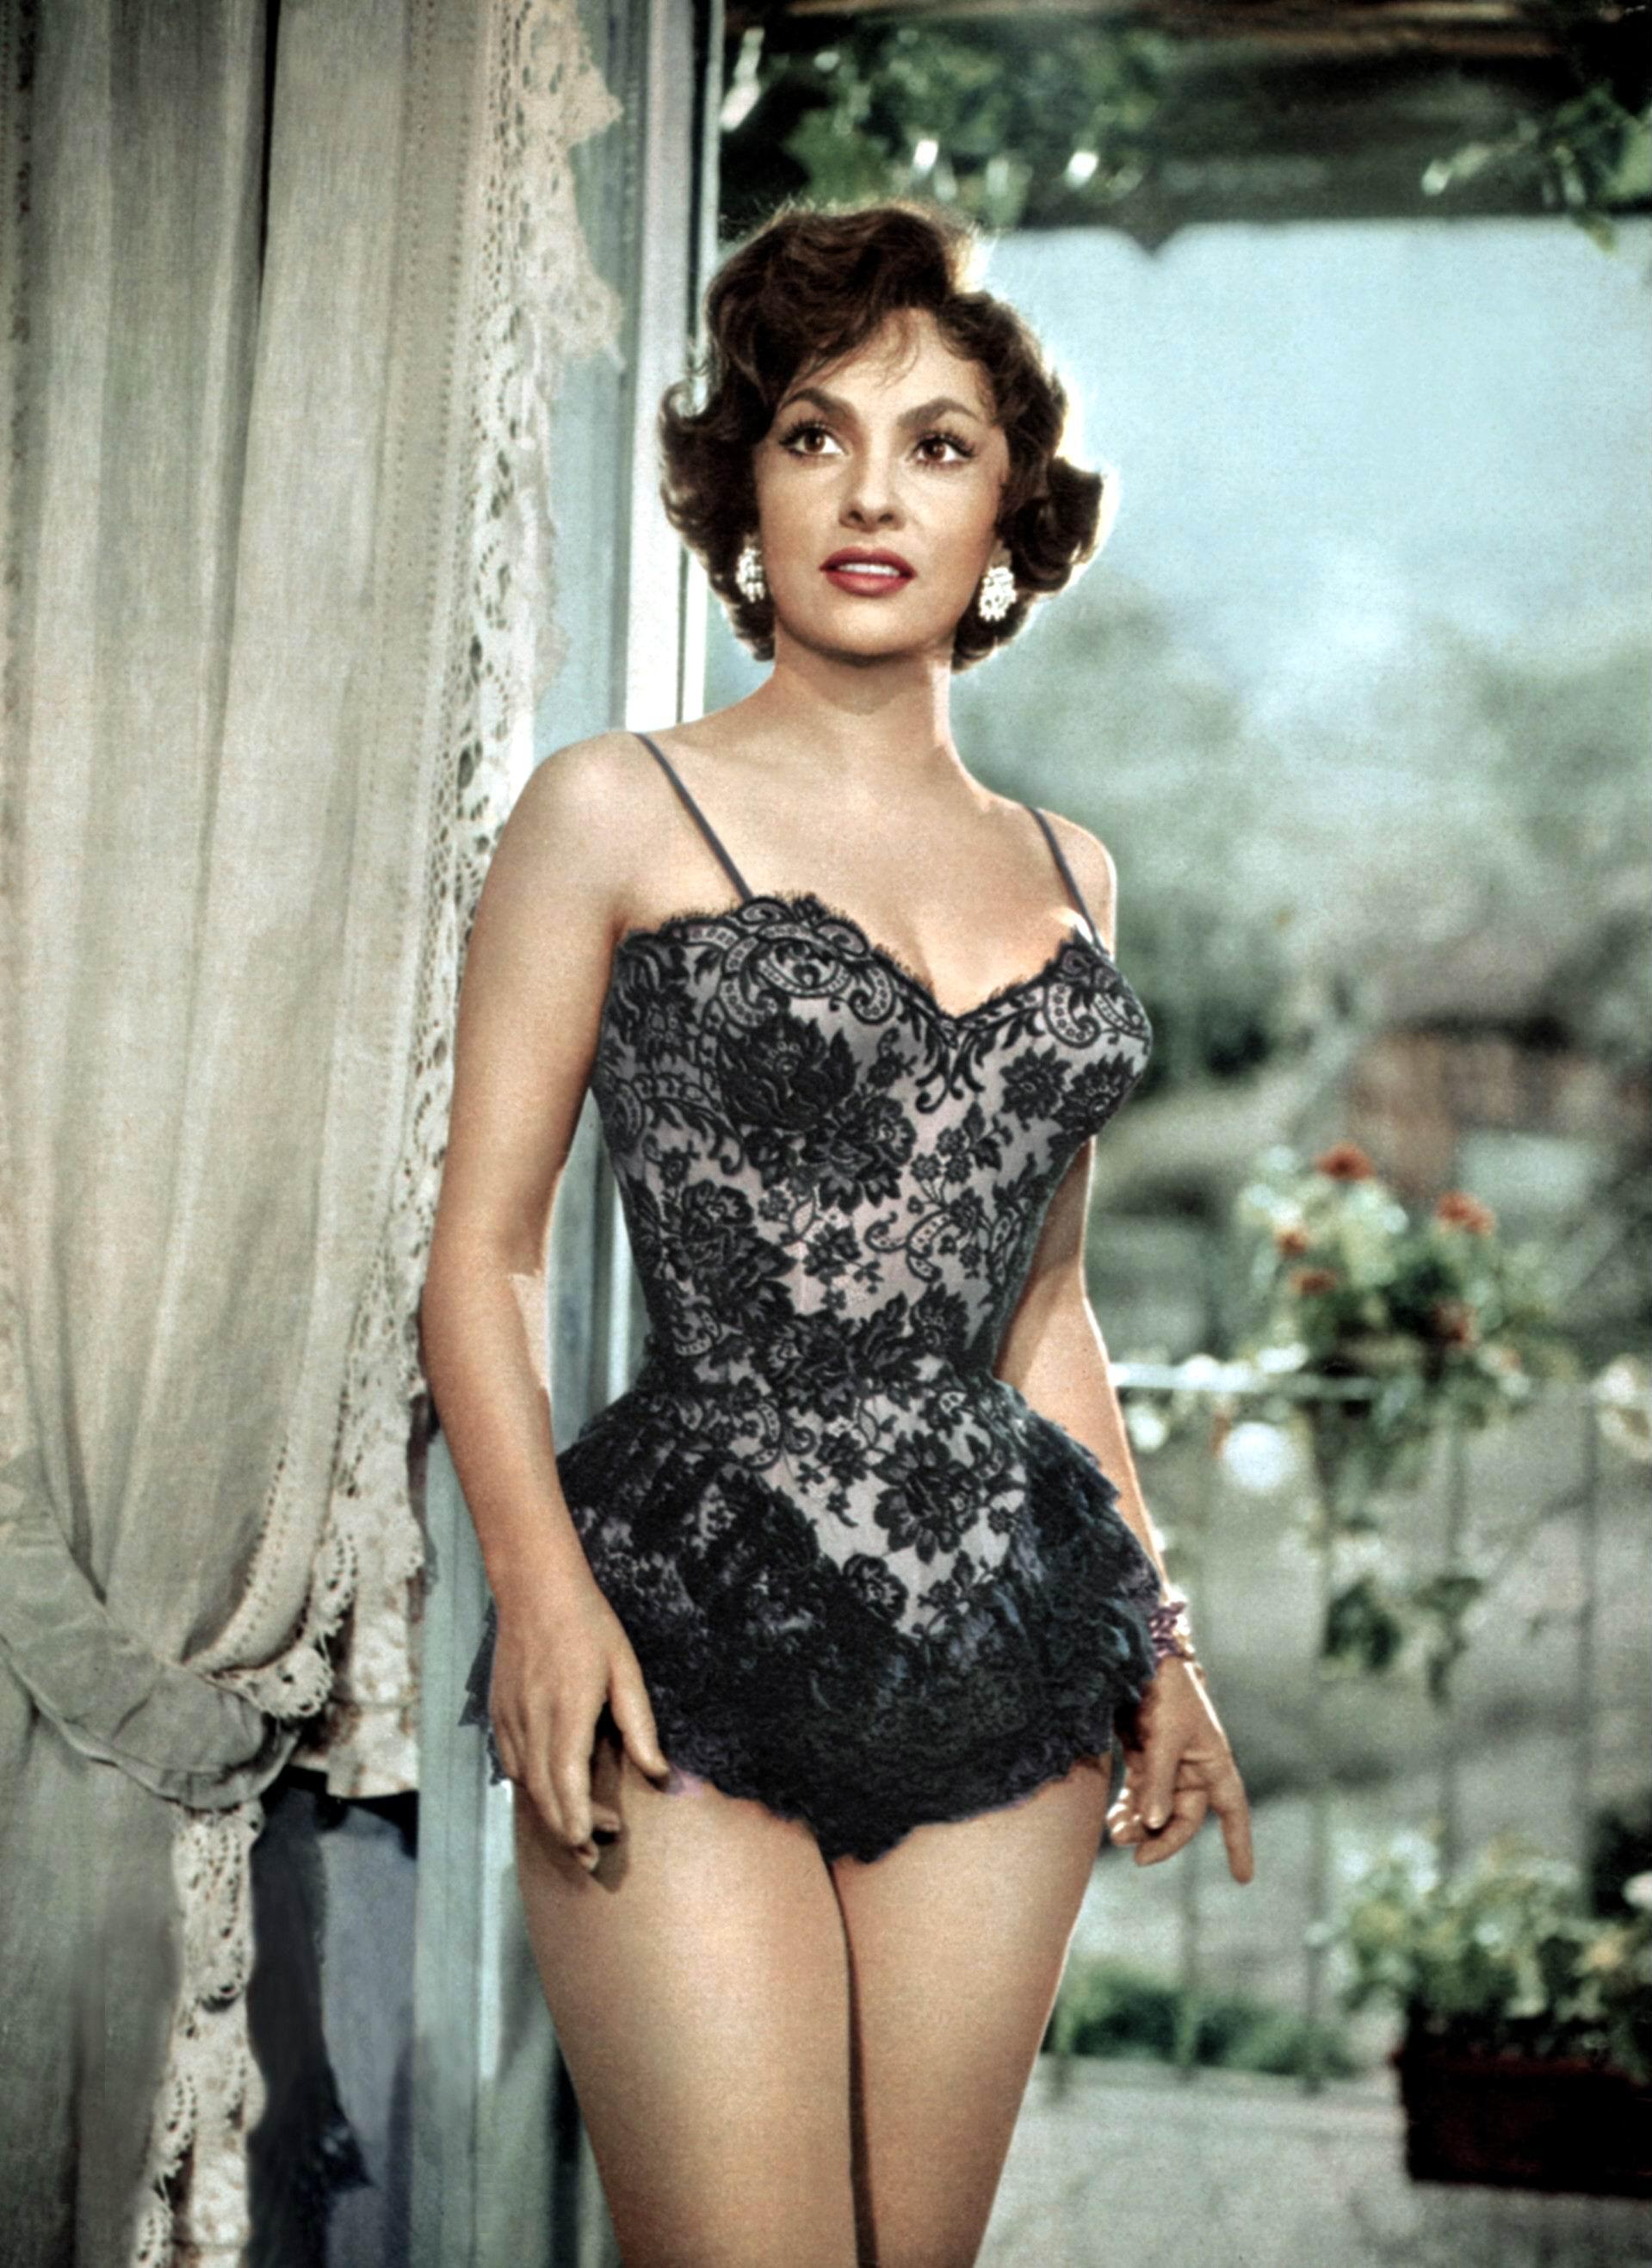 Luis Gina Lollobrigida Esmeralda